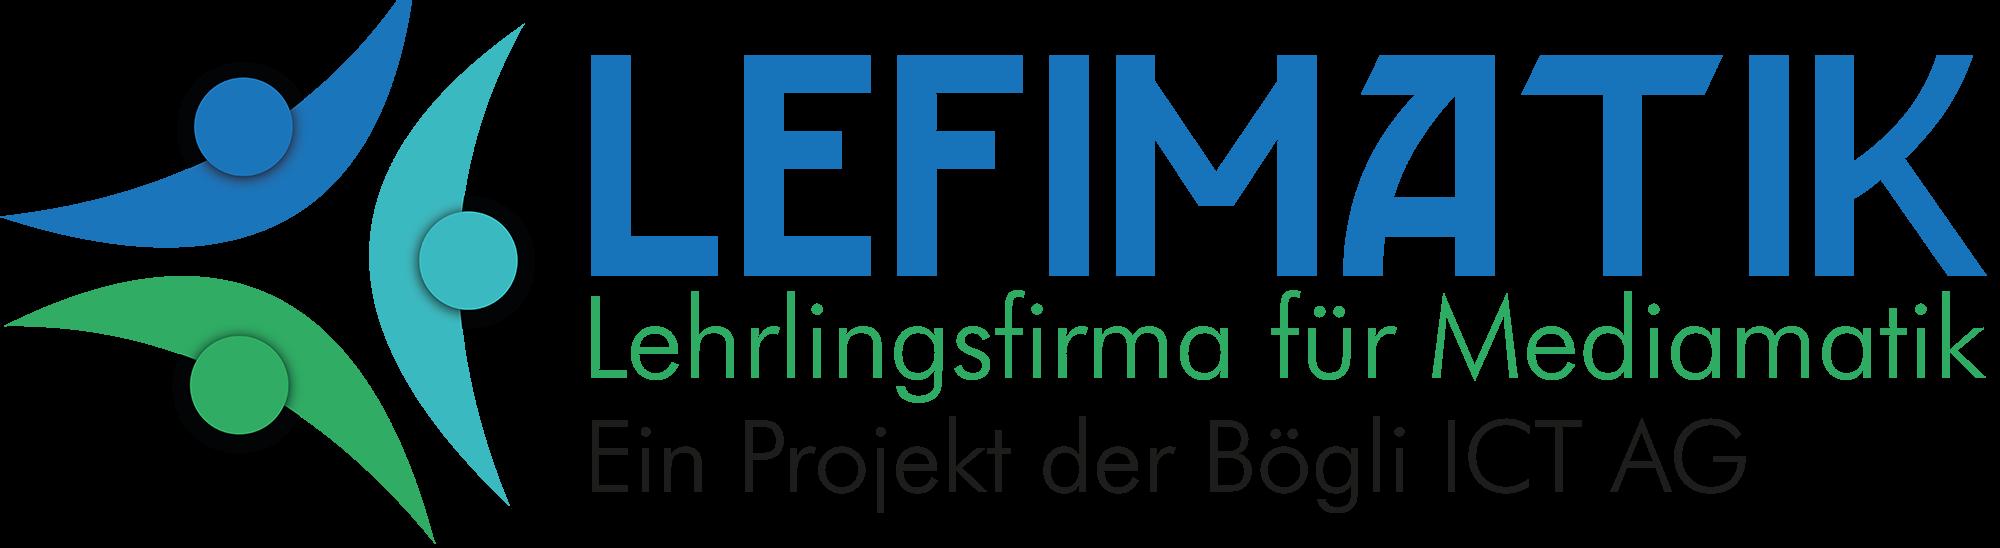 Webdesign Schaffhausen